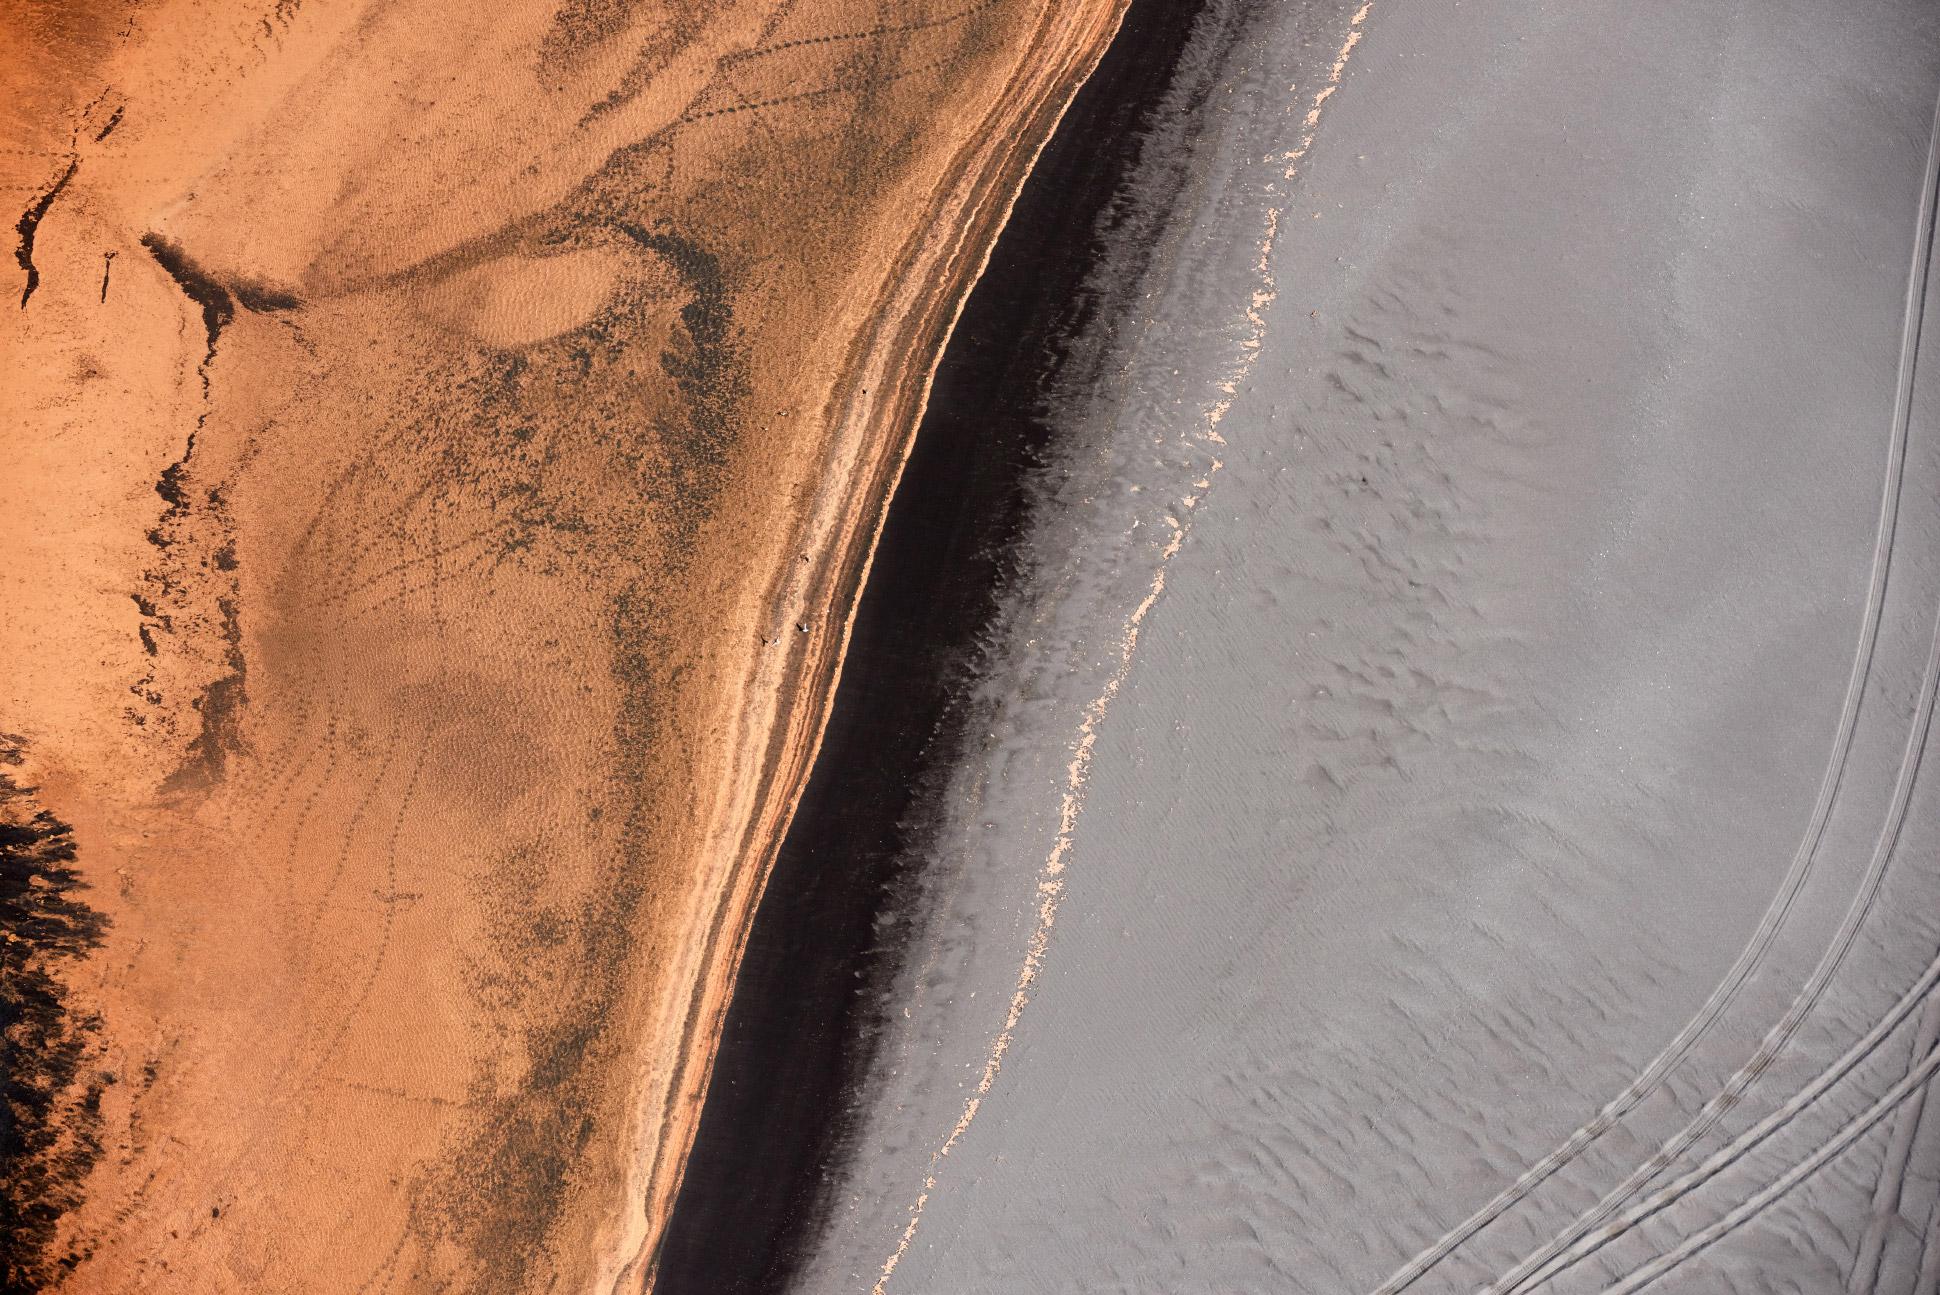 mineral-matter-brooke-holm-goodfromyou-10.jpg